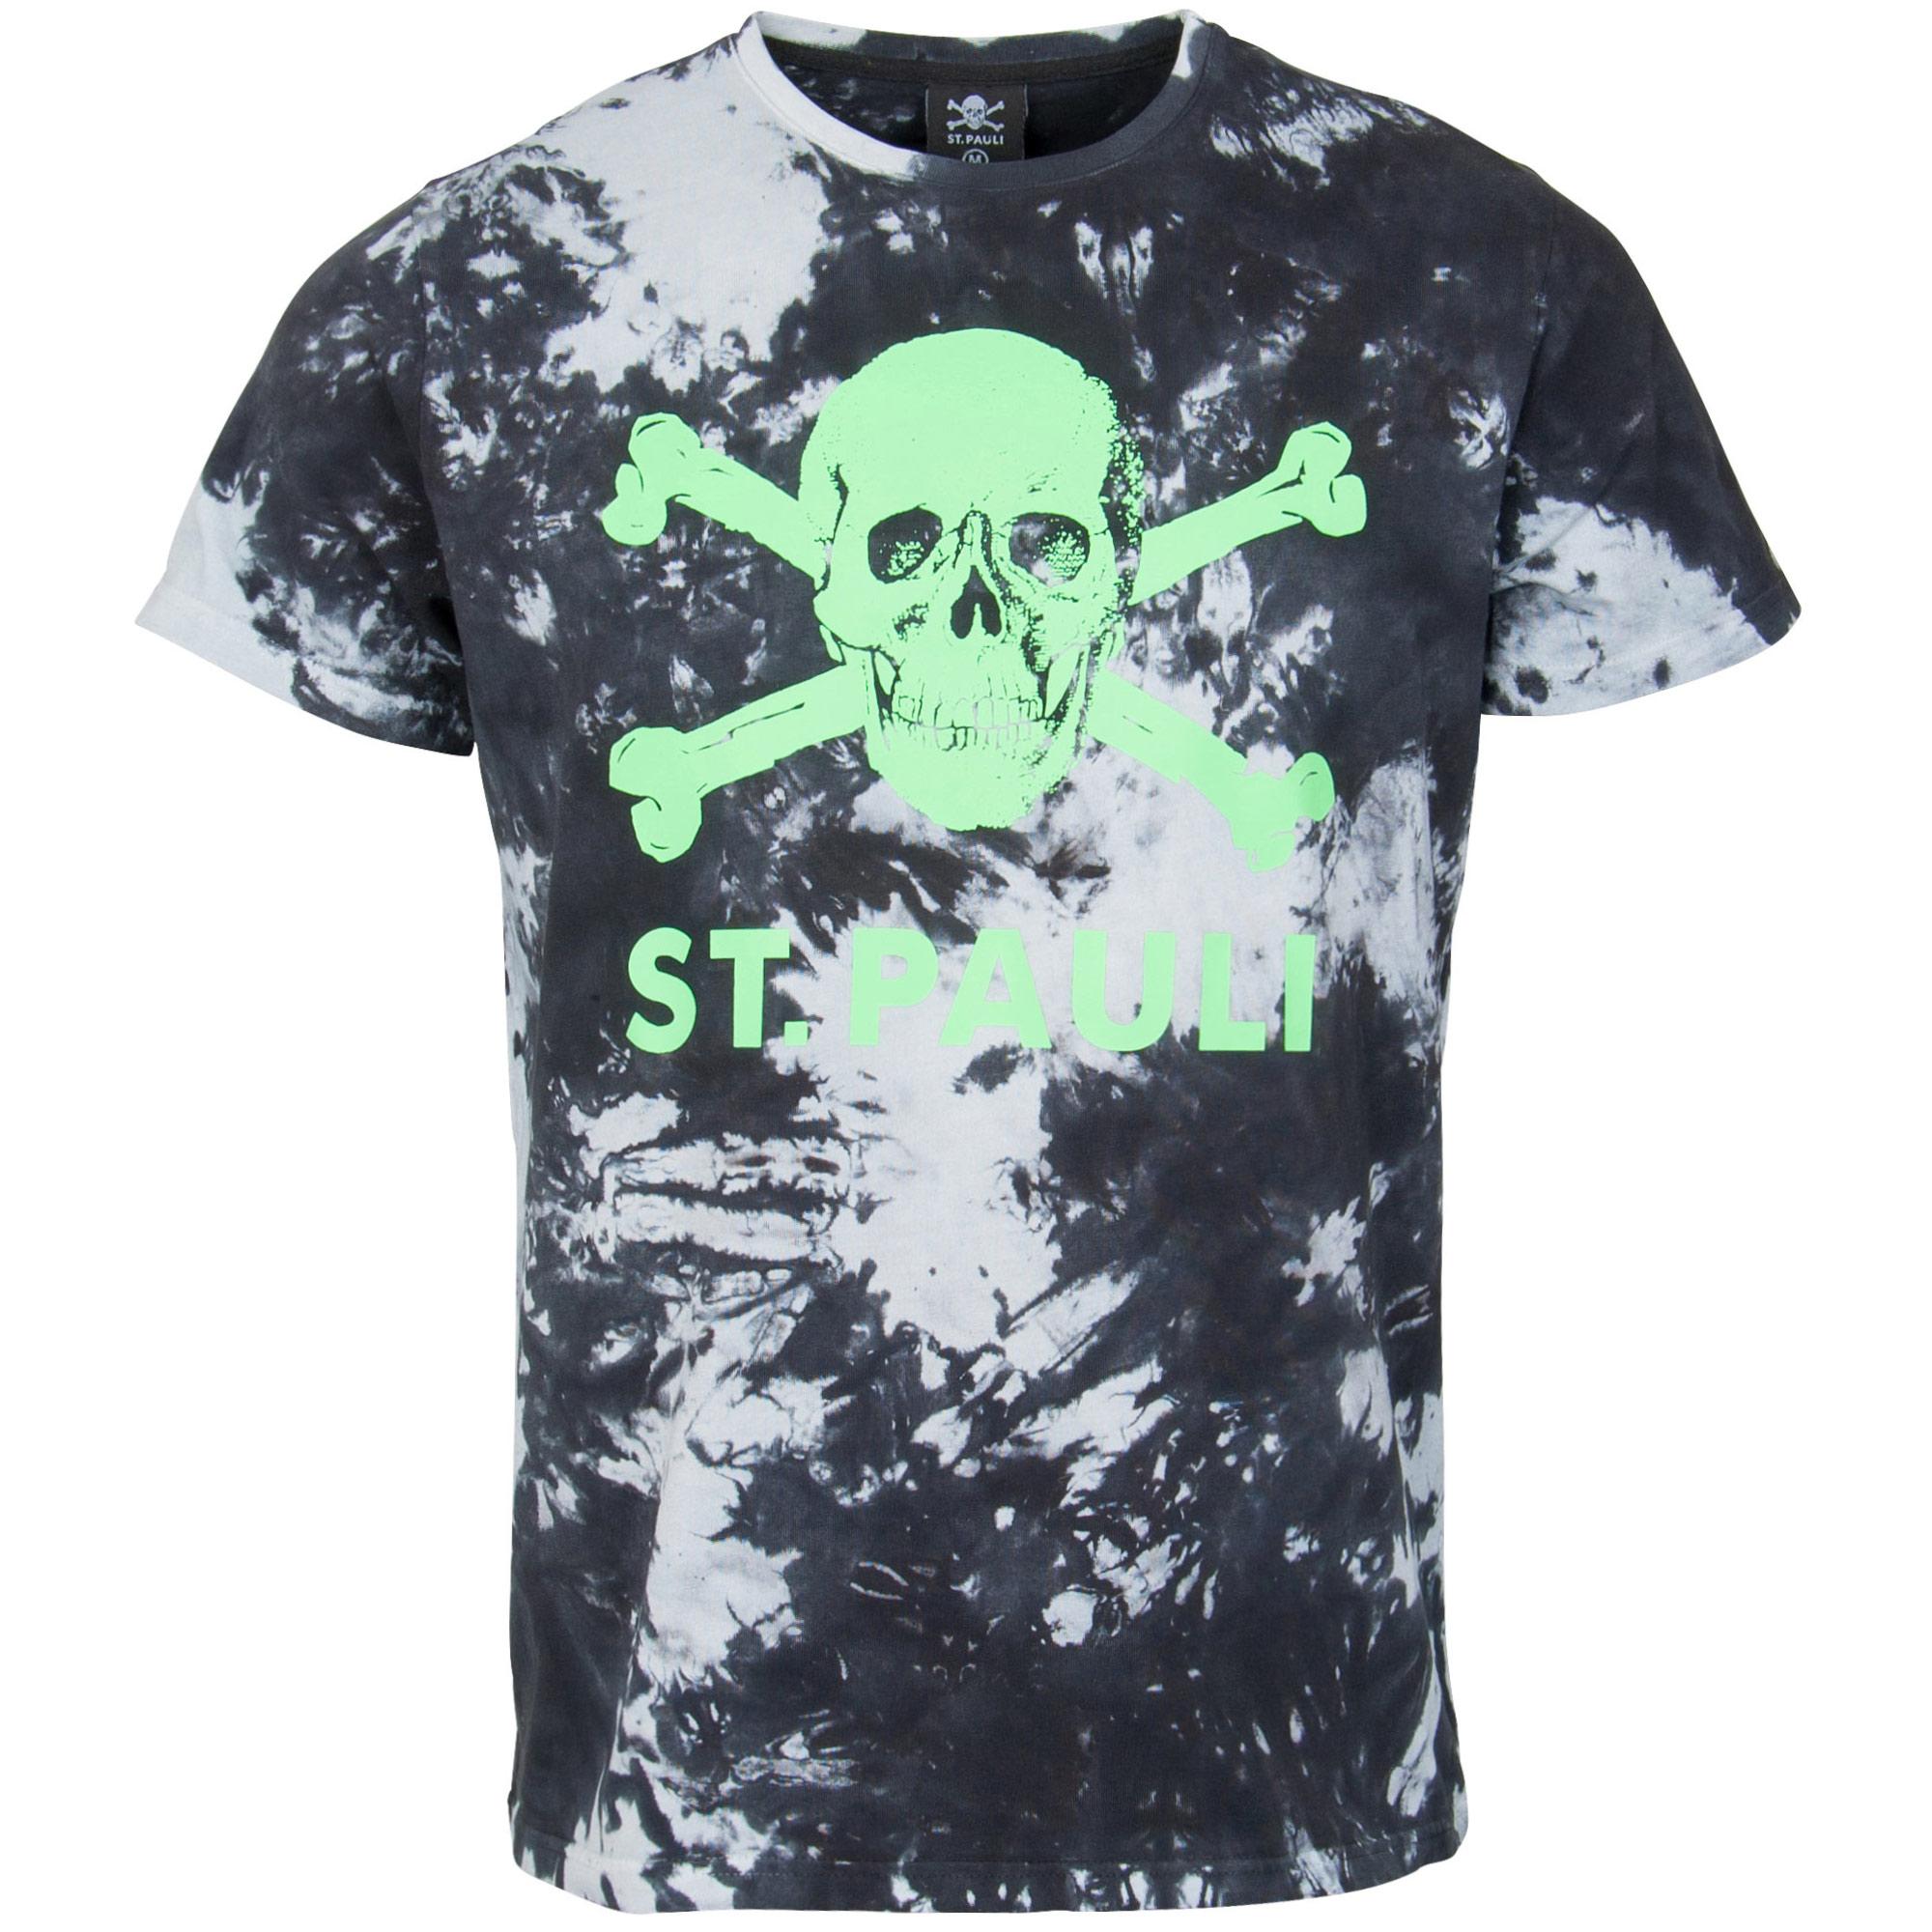 FC St. Pauli - T-Shirt Batik Totenkopf - schwarz-weiß